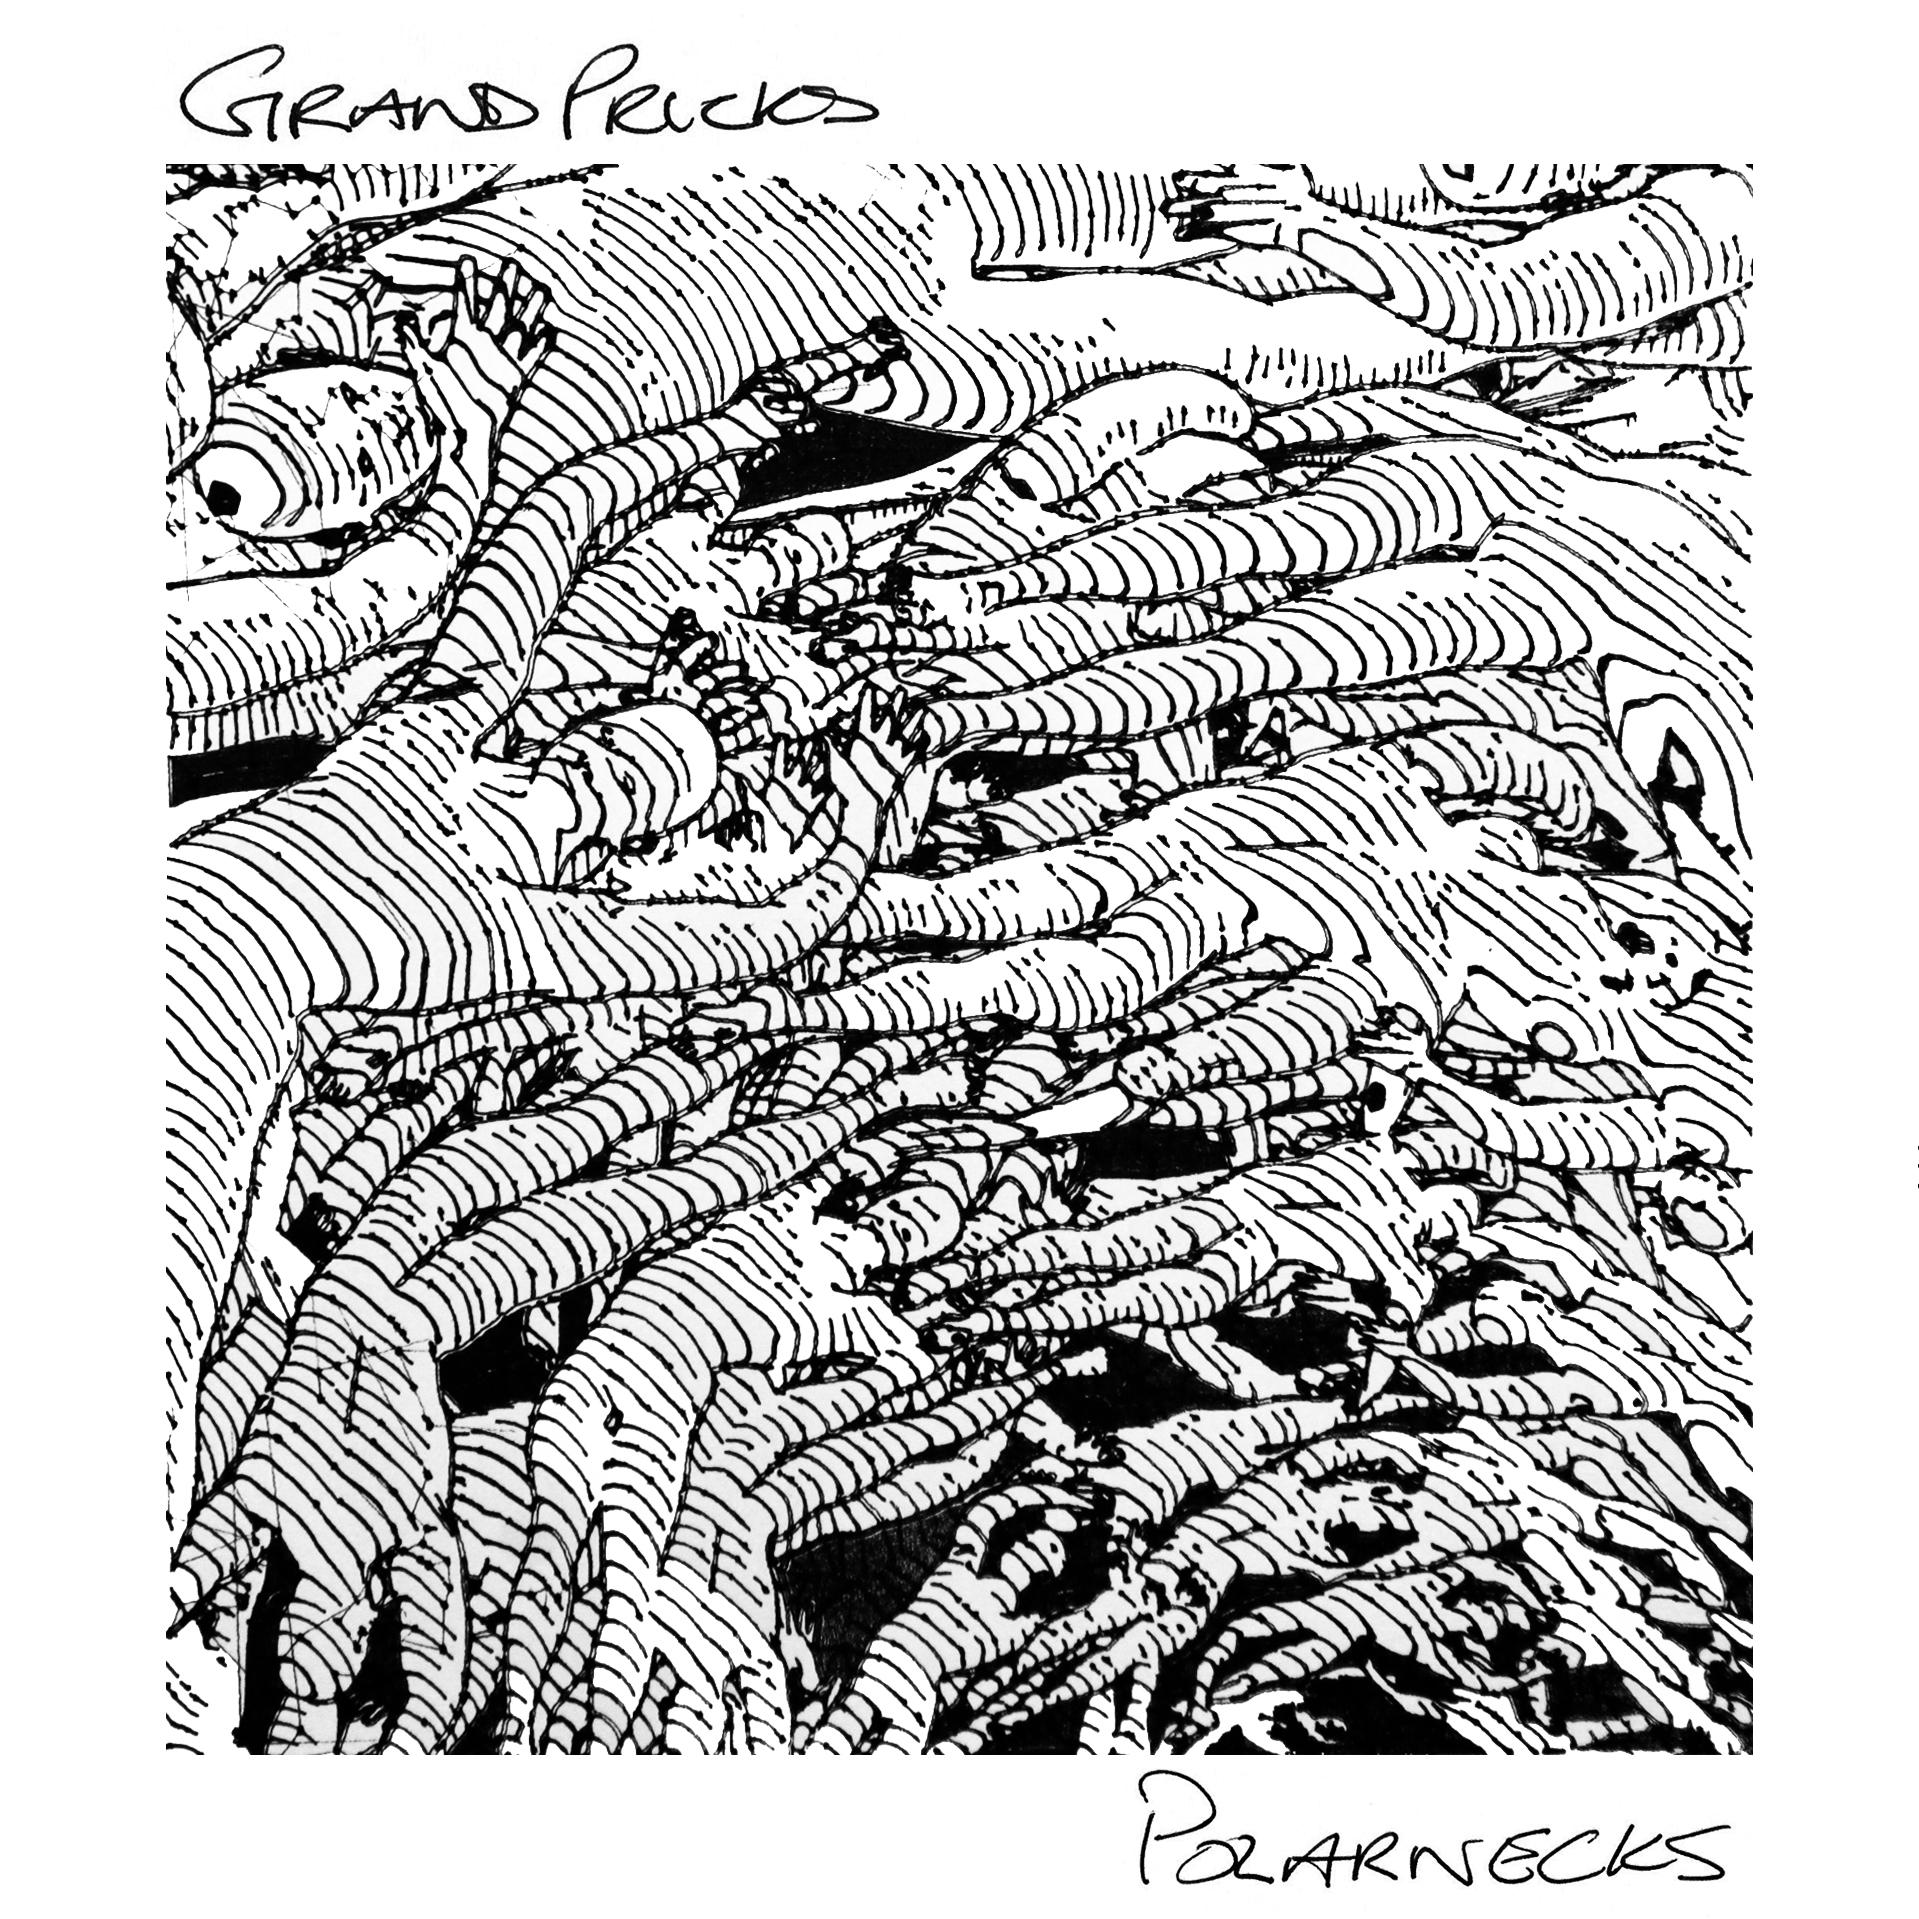 PolarPricks Split EP